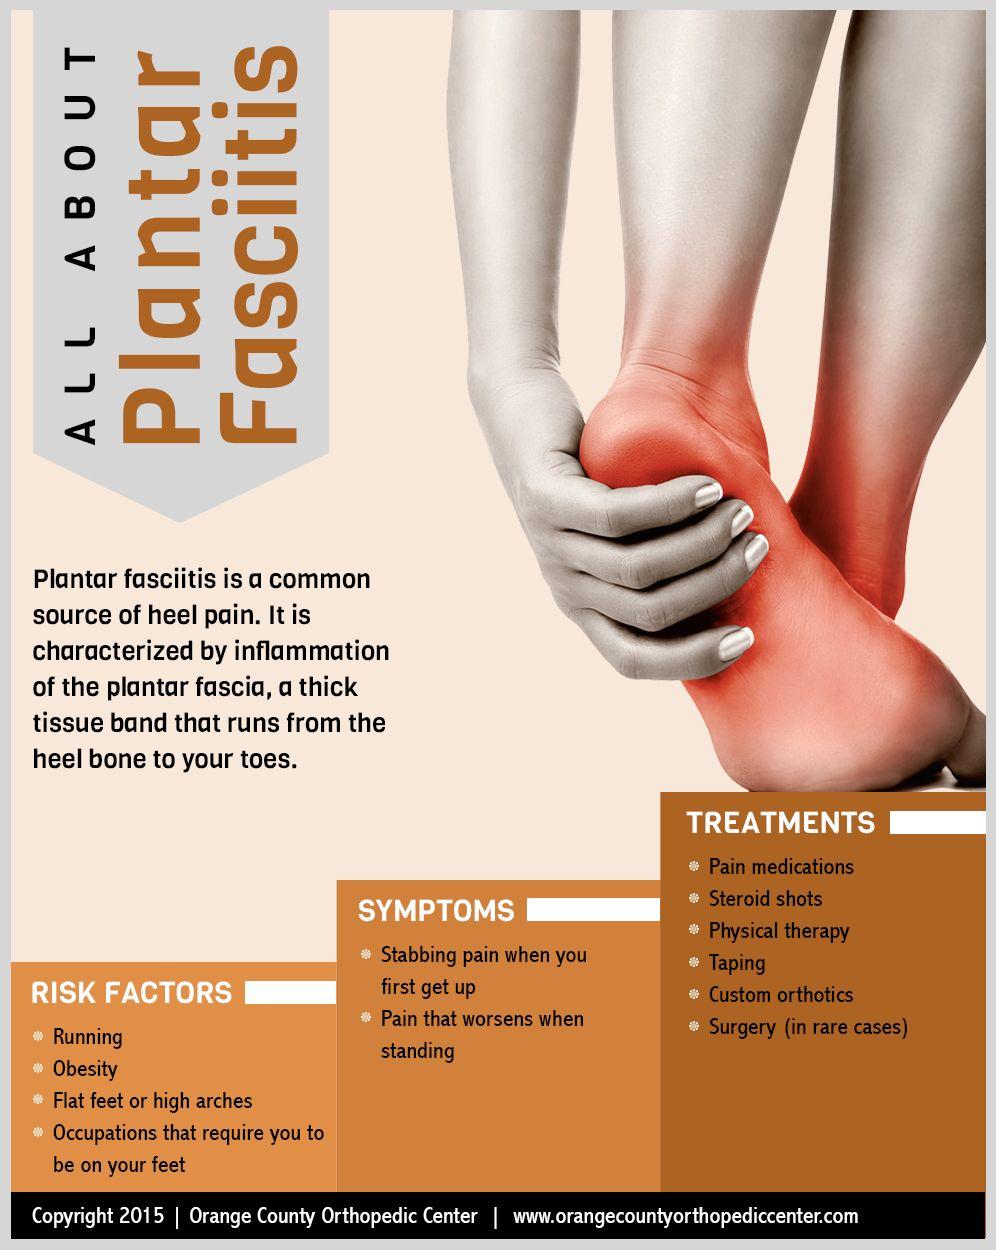 bef29c205f All About Plantar Fasciitis | Orthopedics | Plantar fasciitis, Feet ...